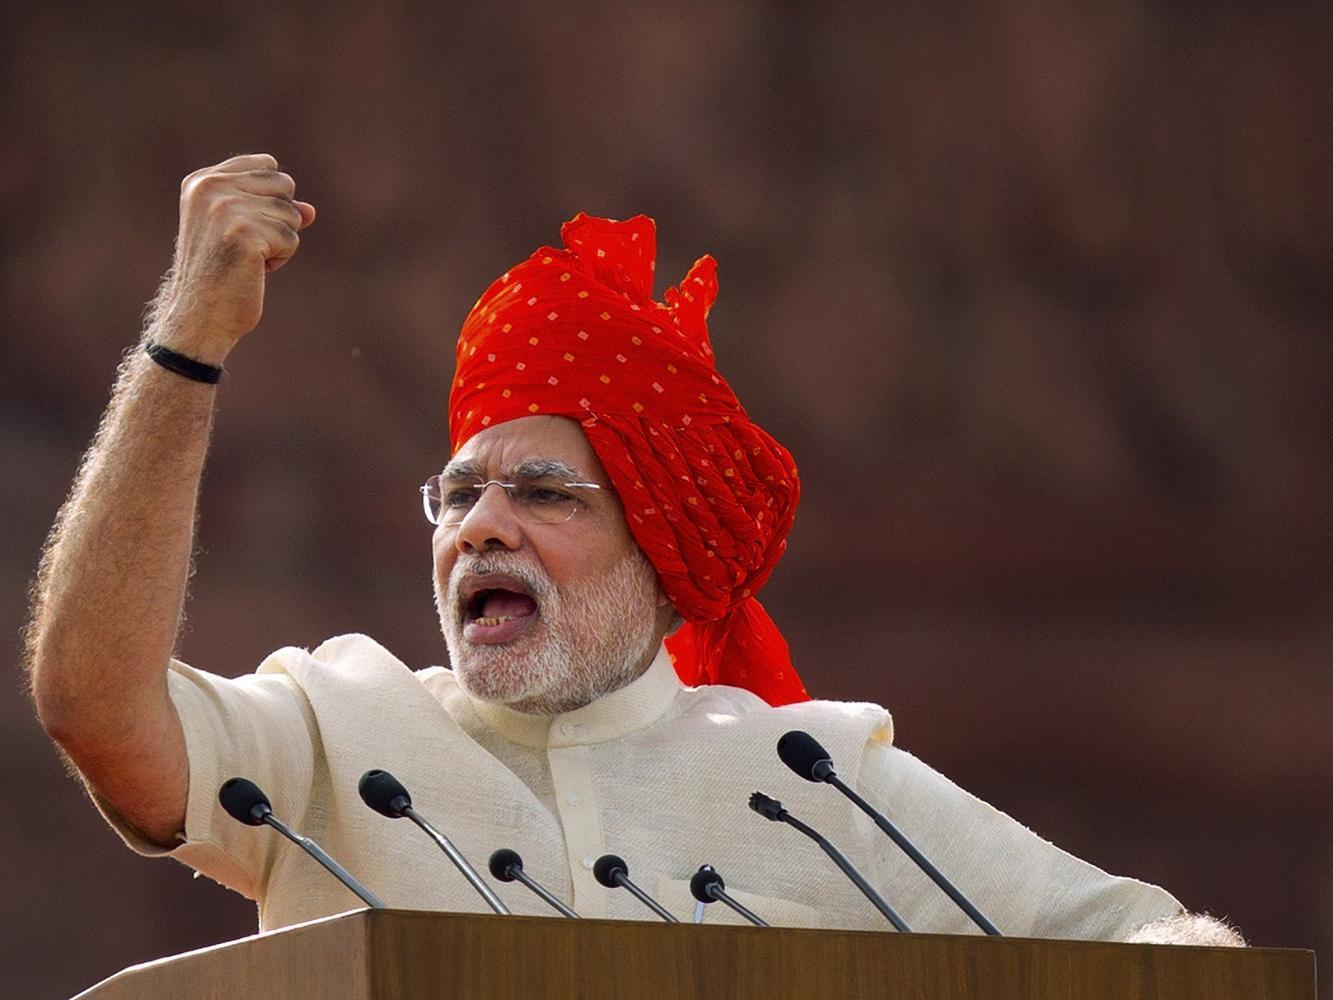 印媒才嗅出不对劲?禁用中国APP后,印度国内传来让莫迪心凉消息